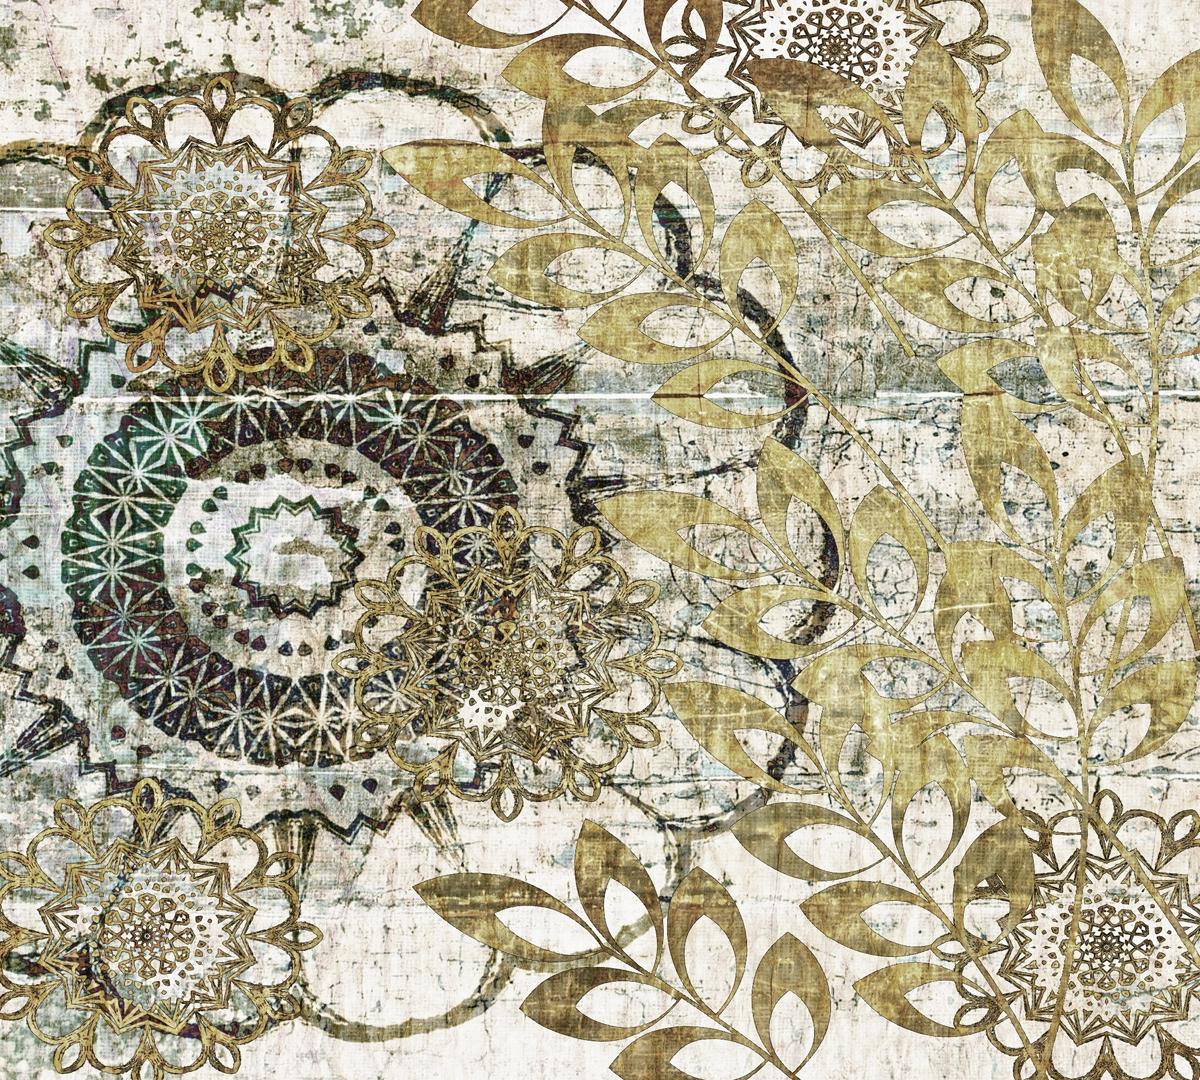 Фотообои Barton Wallpapers Цветы, 300 x 270 см. F20003F20003Флизелиновые фотообои Barton Wallpapers Цветы. Превосходное цифровое качество изображения, экологичные, износостойкие, не пахнут, стойки к выцветанию, просты в поклейке. Размер: ширина 300 см, длина 270 см.